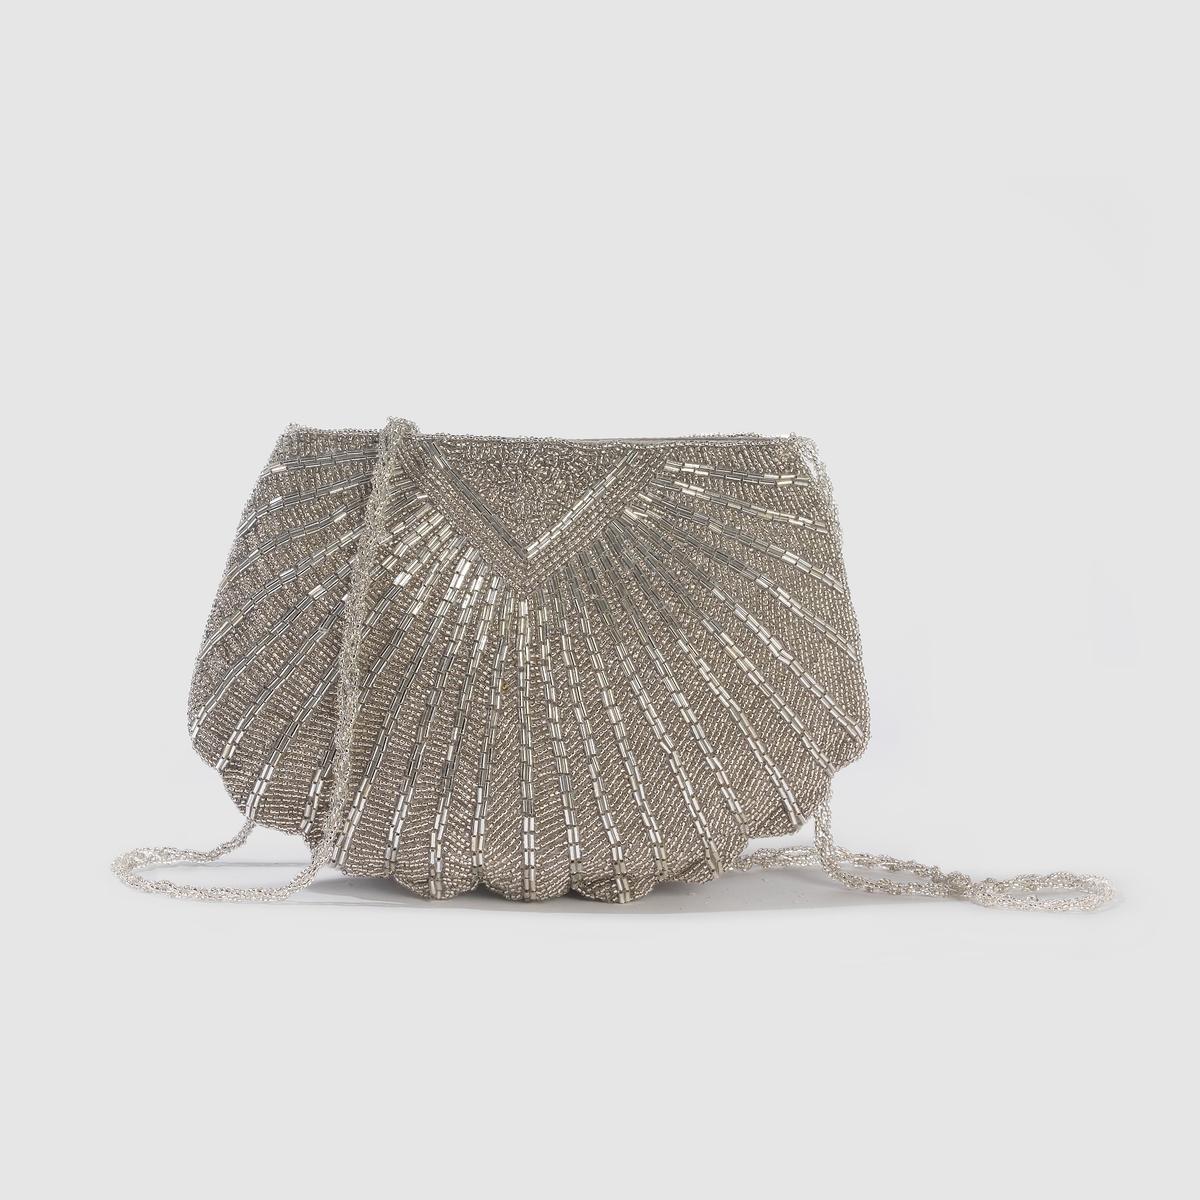 Клатч, расшитый бисеромКлатч, расшитый бисером - Mademoiselle R.Верх : текстиль, расшитый бисером Внутренняя подкладка : текстильЗастежка : пуговица на магнитеПлечевой ремень : плетеный из бисера, не съемный  Размеры   : Дл . 26 см. x В. 19 см. Просто идеален для любой вечеринки  !<br><br>Цвет: серебристый<br>Размер: единый размер